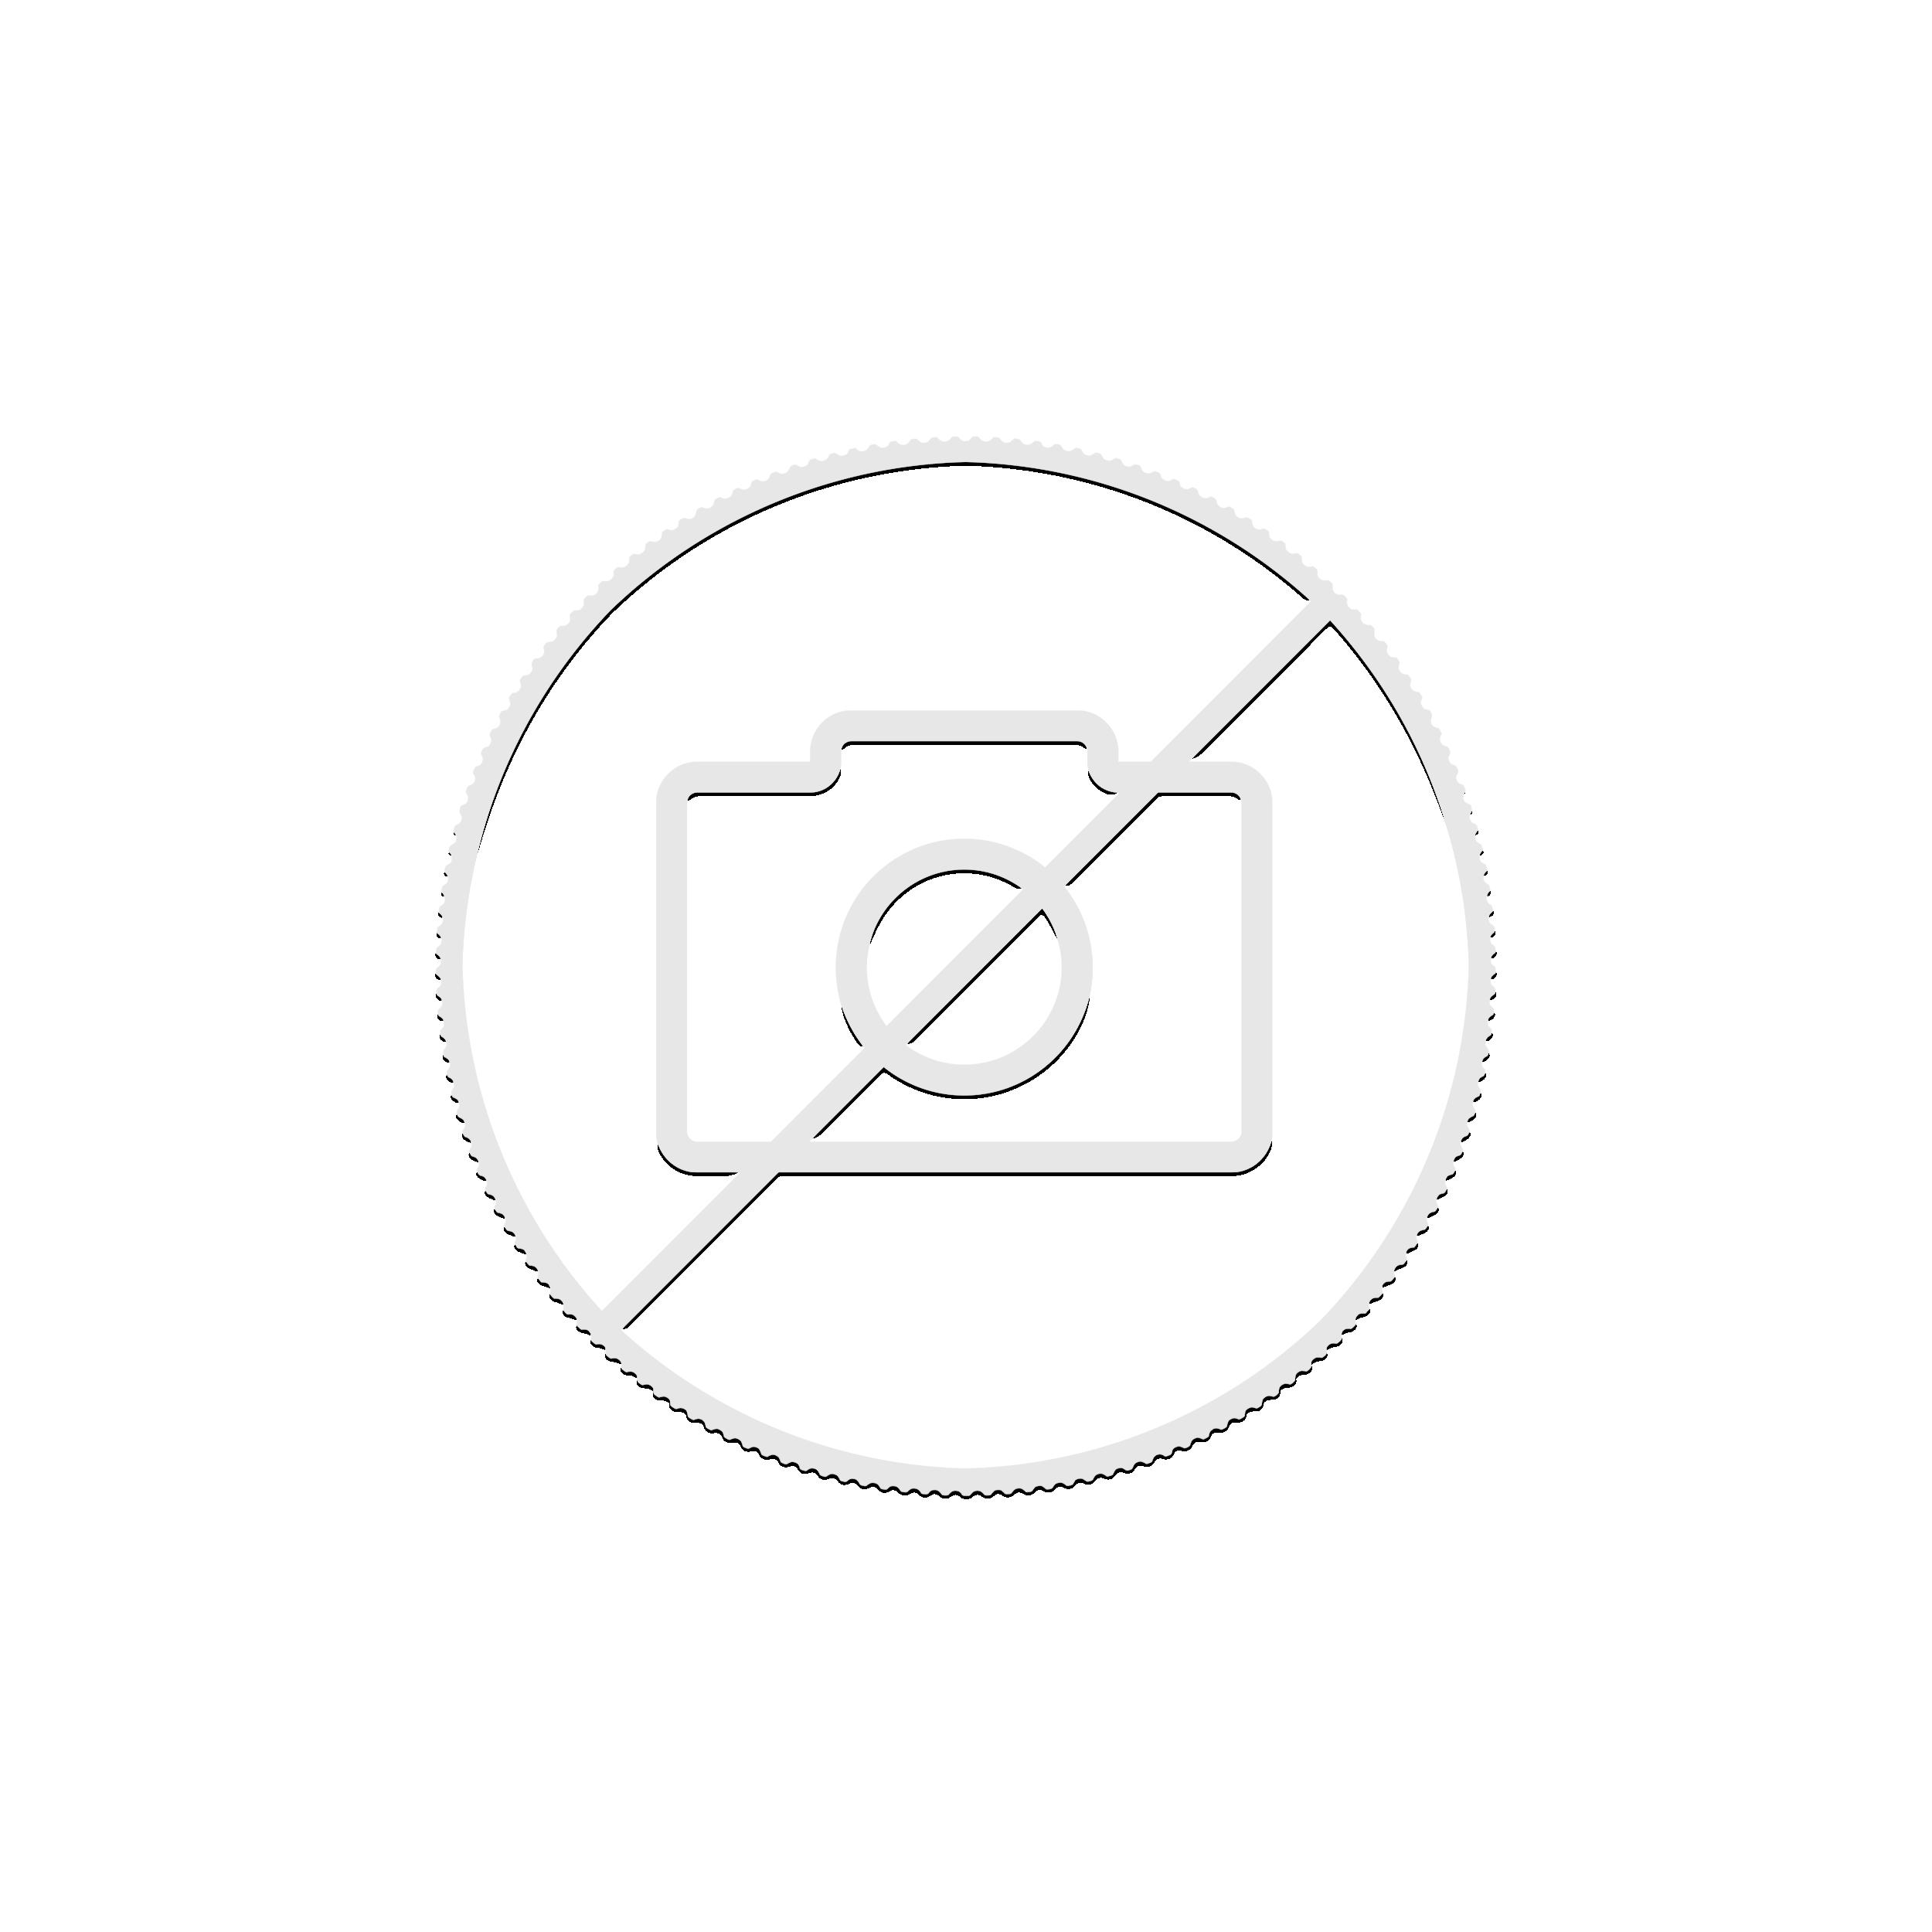 5 Troy ounce silver Lunar coin 2017